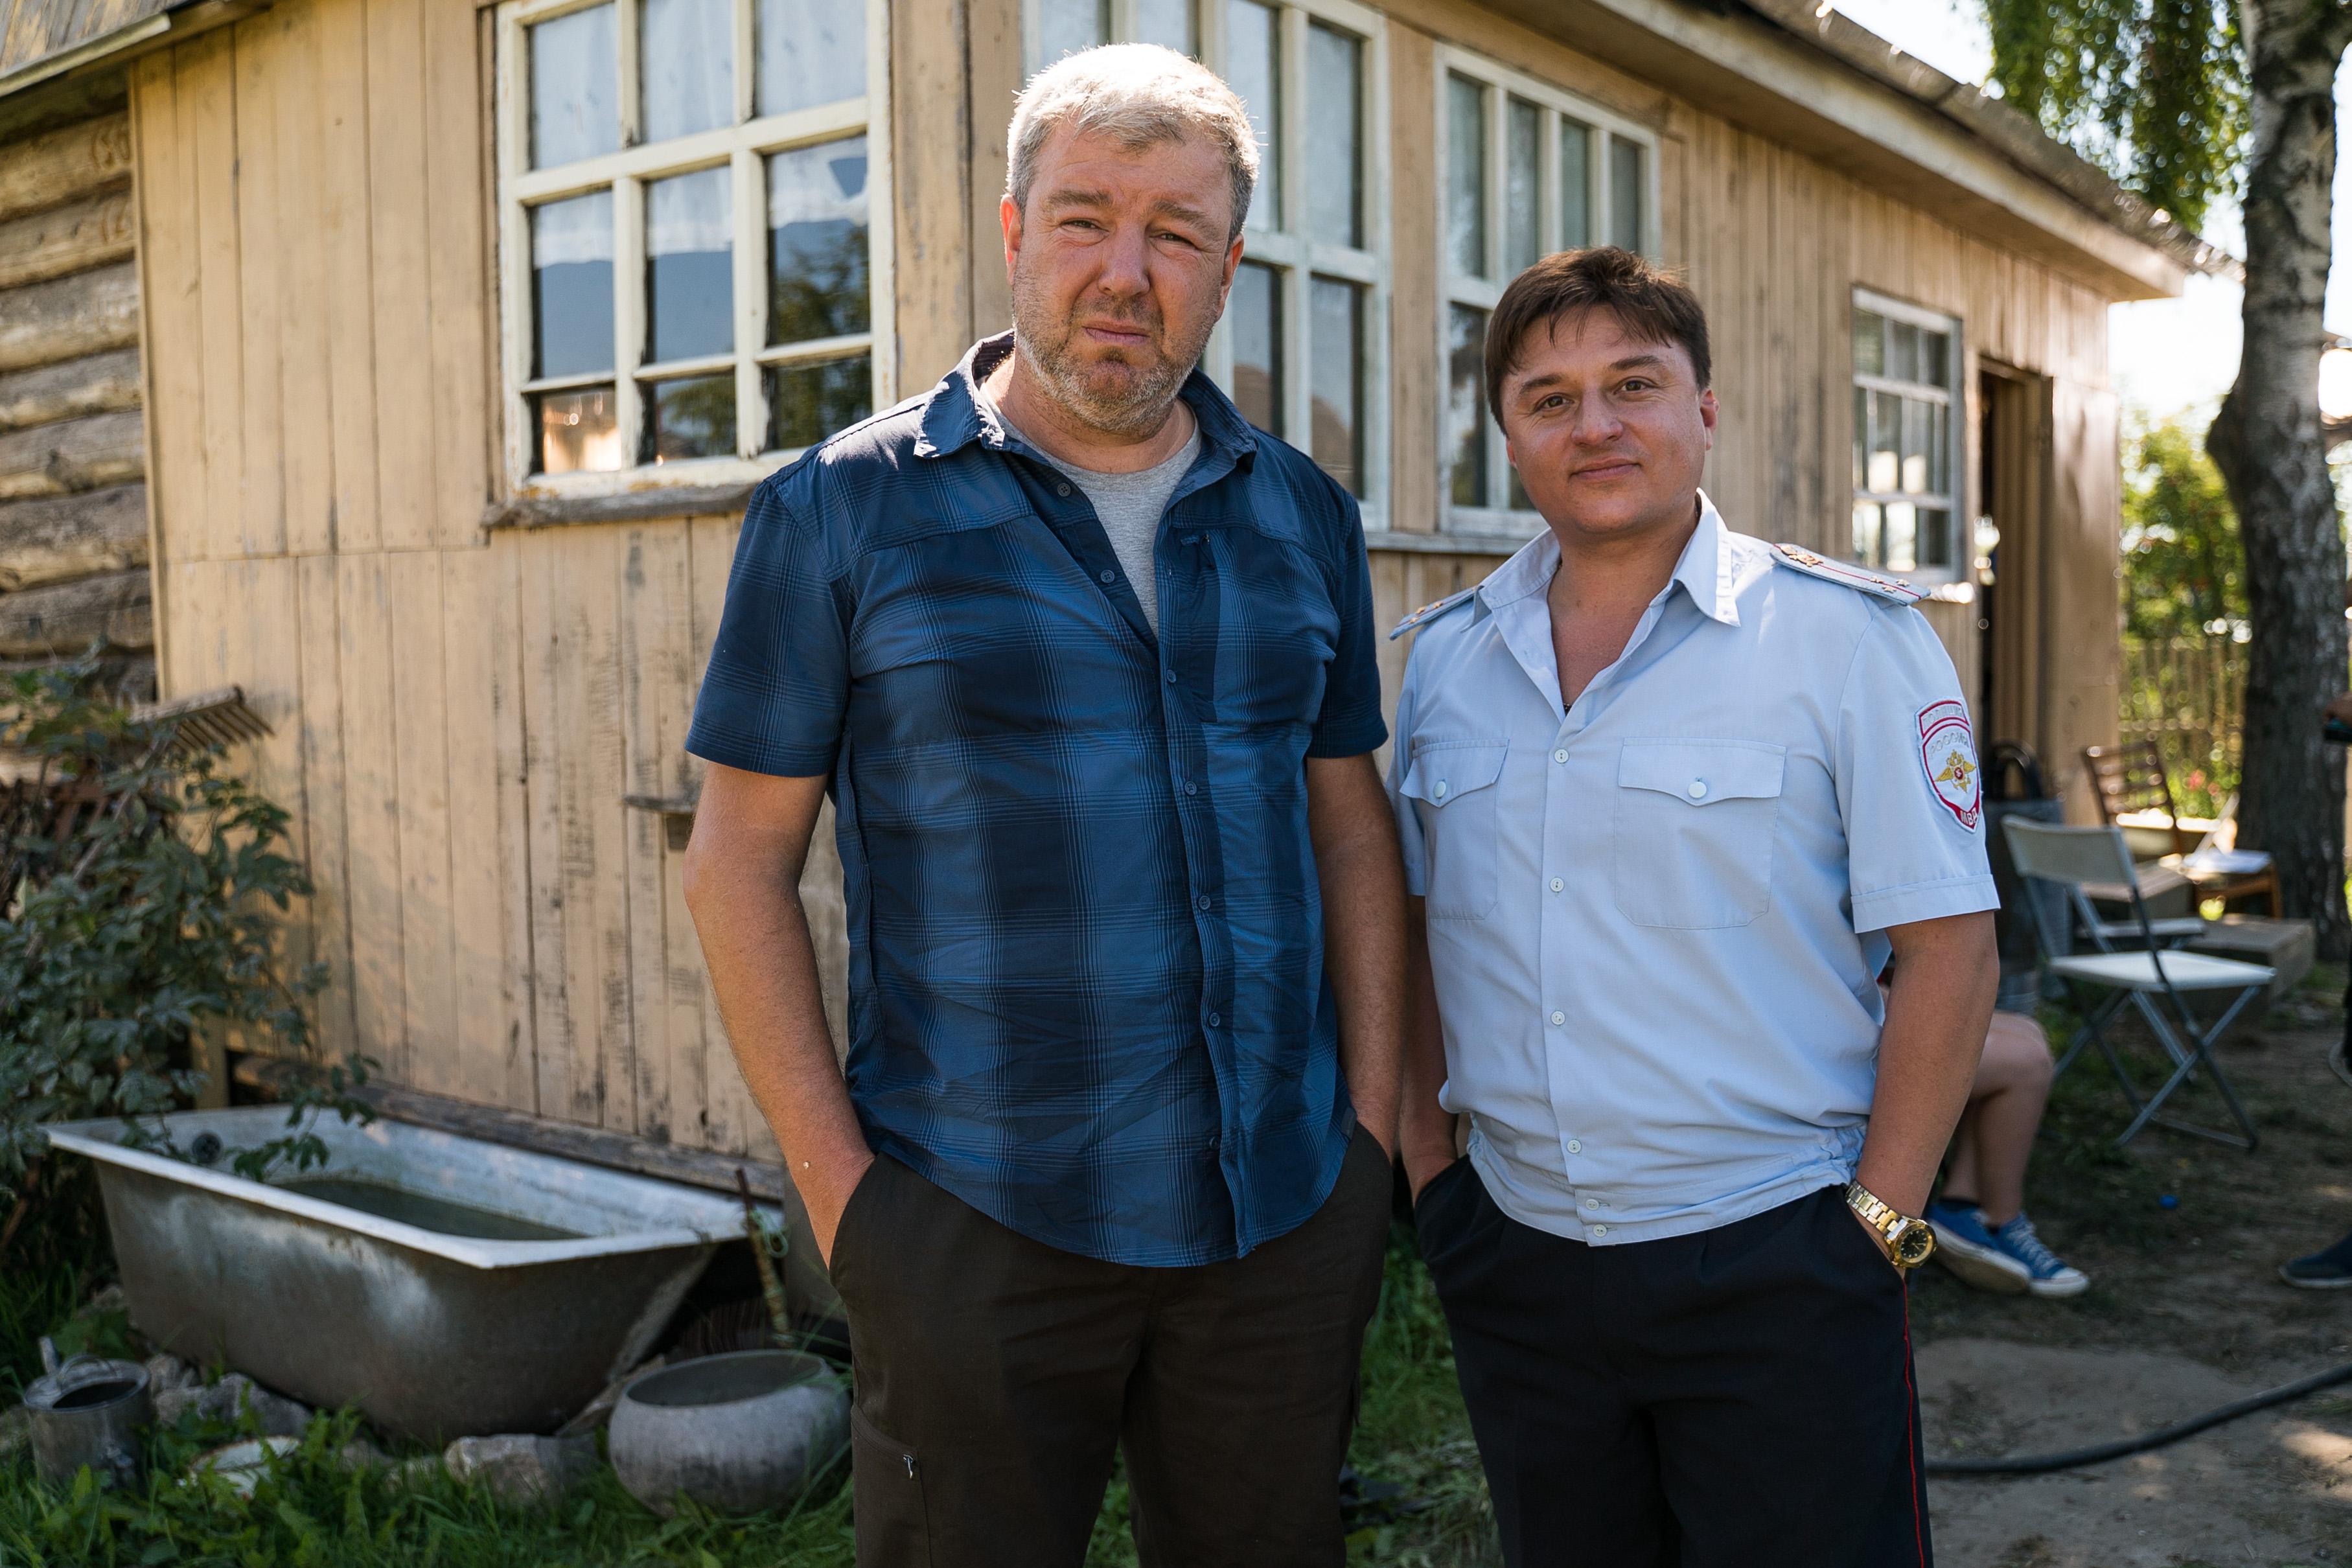 Актеры Александр Робак и Максим Лагашкин (слева направо) во время съемок сериала «Жуки» / ТНТ